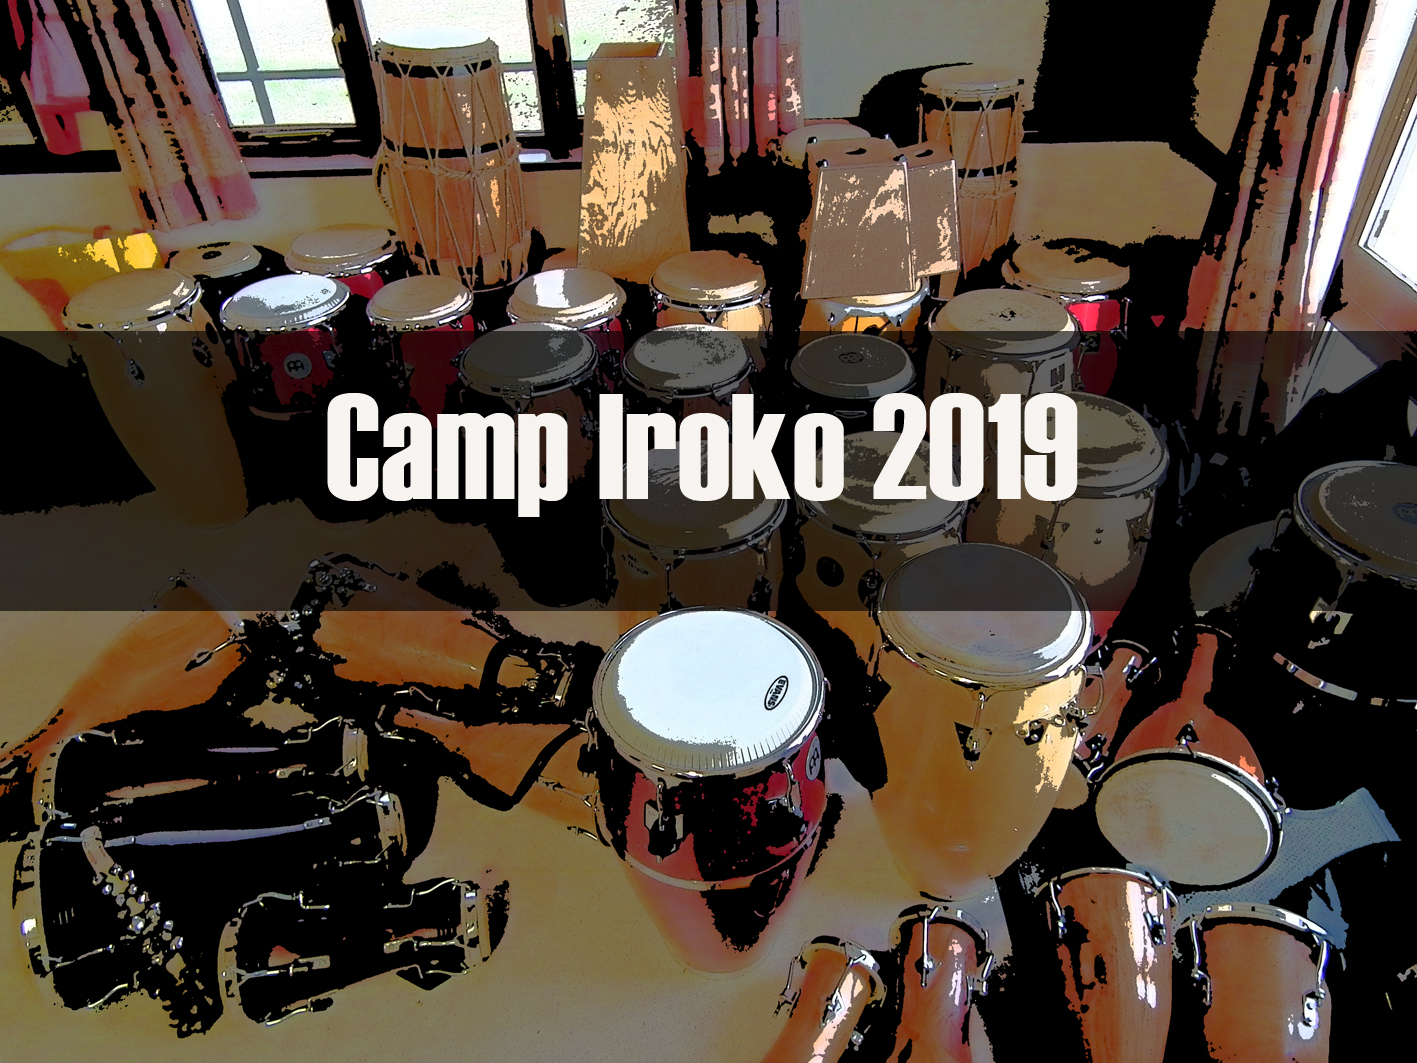 Camp Iroko 2019